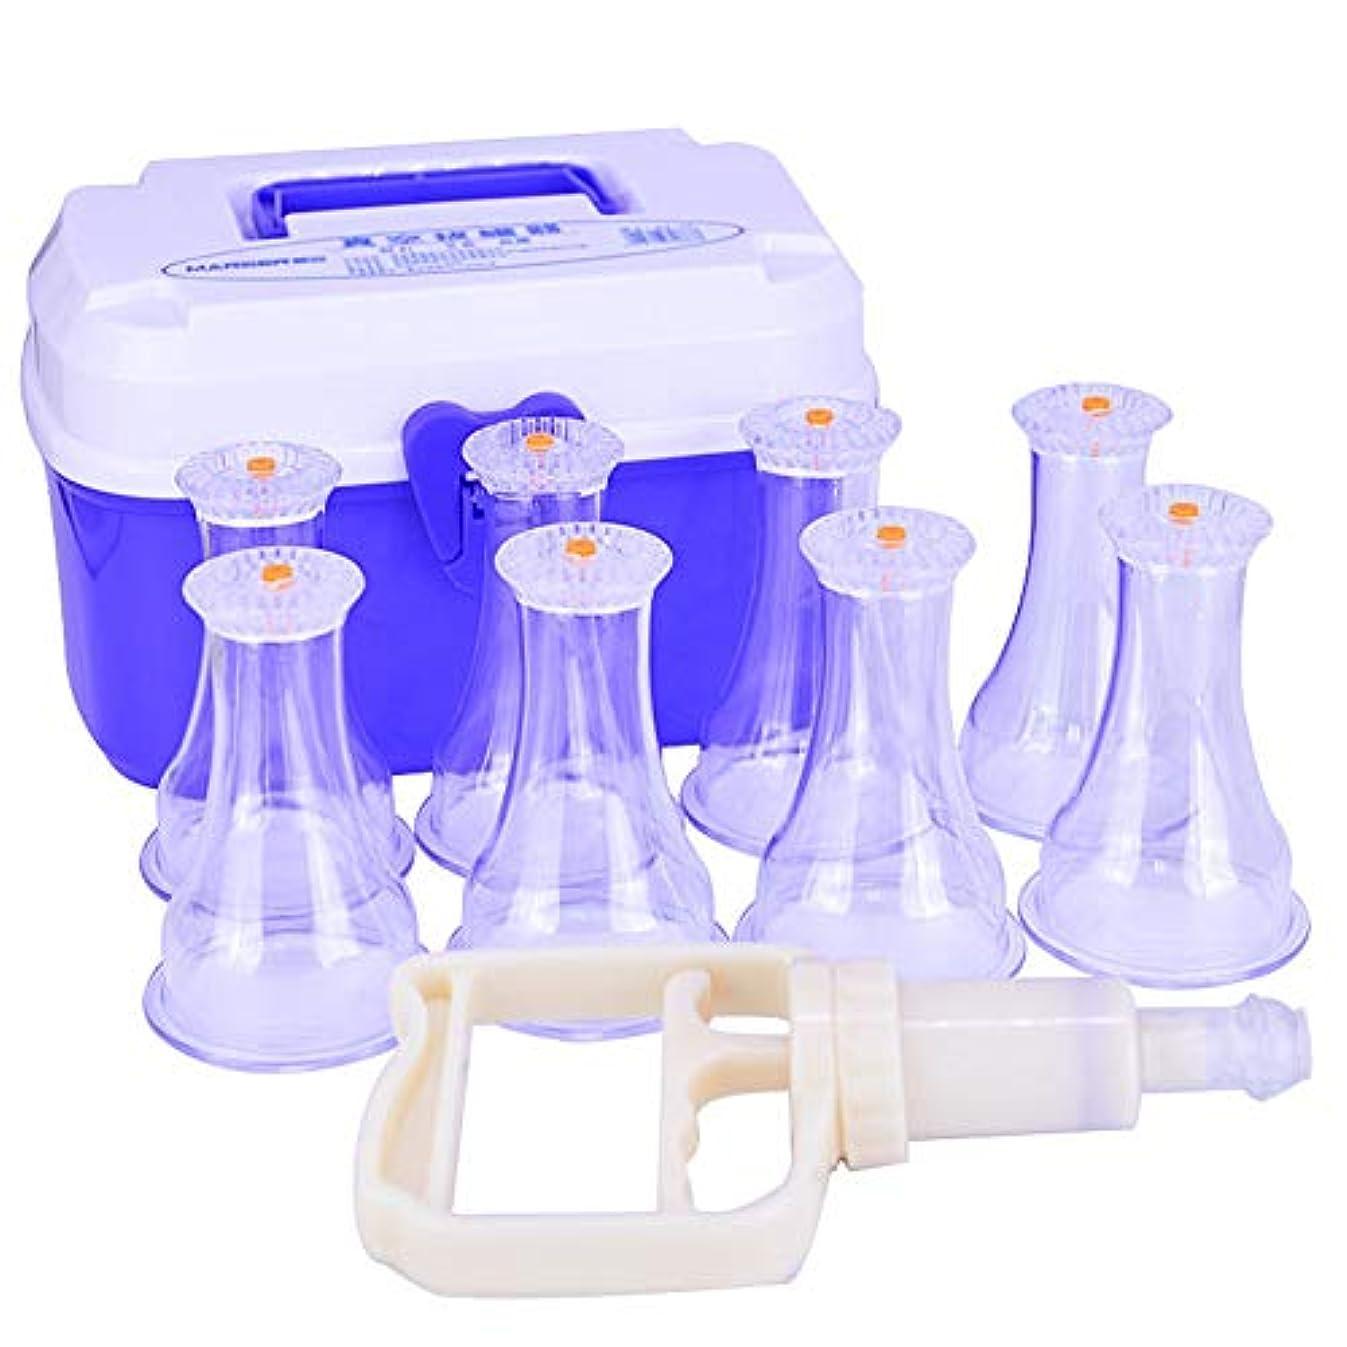 不健全ソビエトわな8カップカッピングセットプラスチック、真空吸引生体磁気中国療法カップ、収納ボックスポンプ付き医療、ボディマッサージの痛みを軽減する物理的排泄毒素